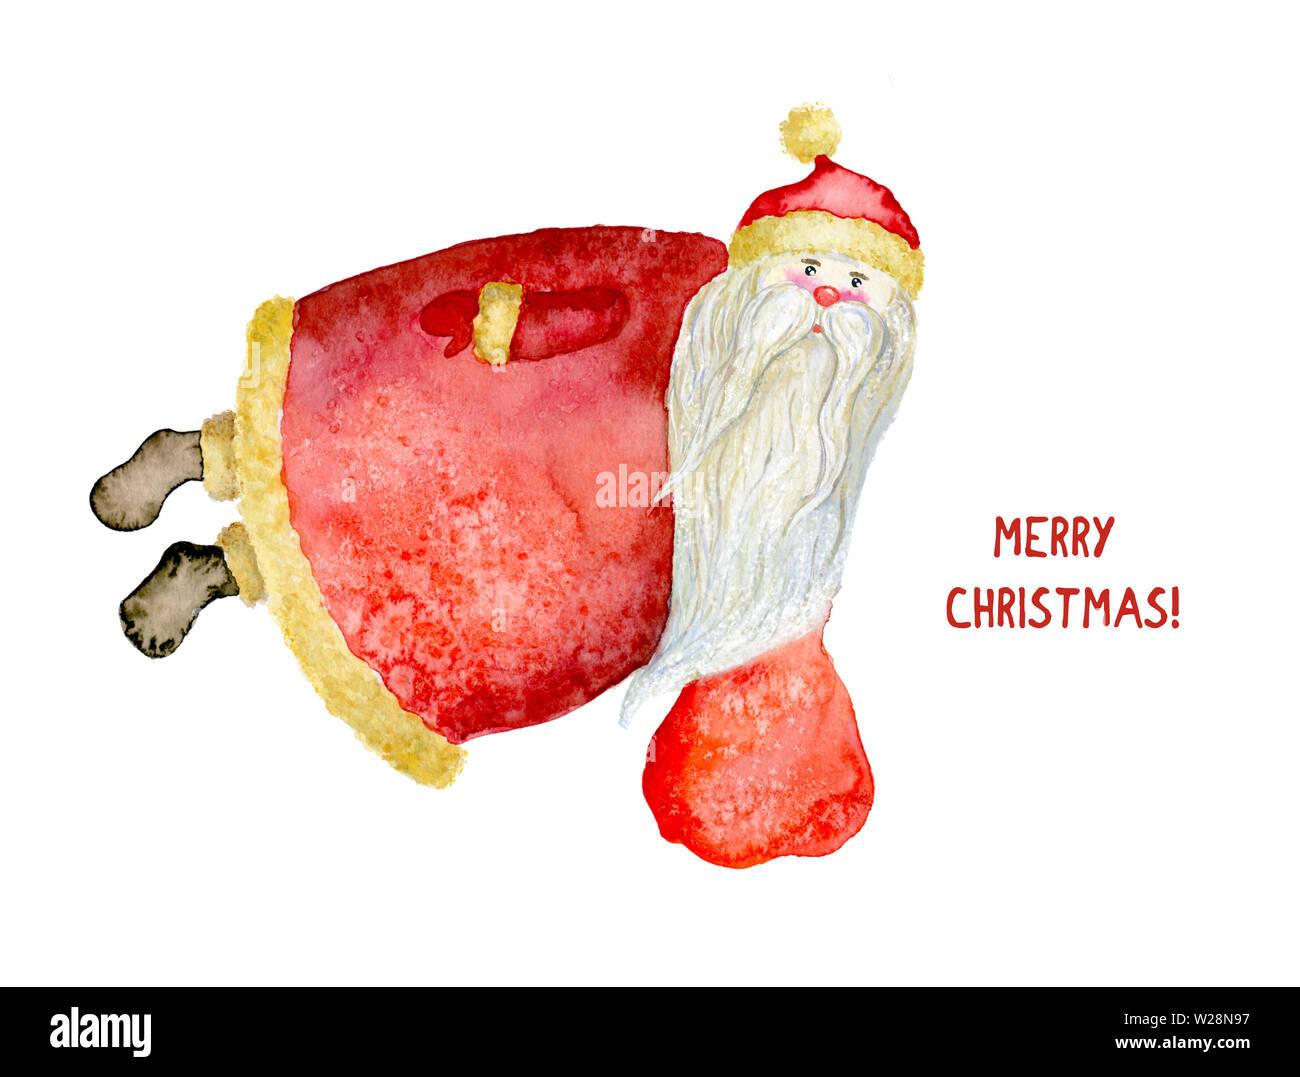 Aquarell Abbildung Von Santa Claus Fliegen Mit Einem Beutel